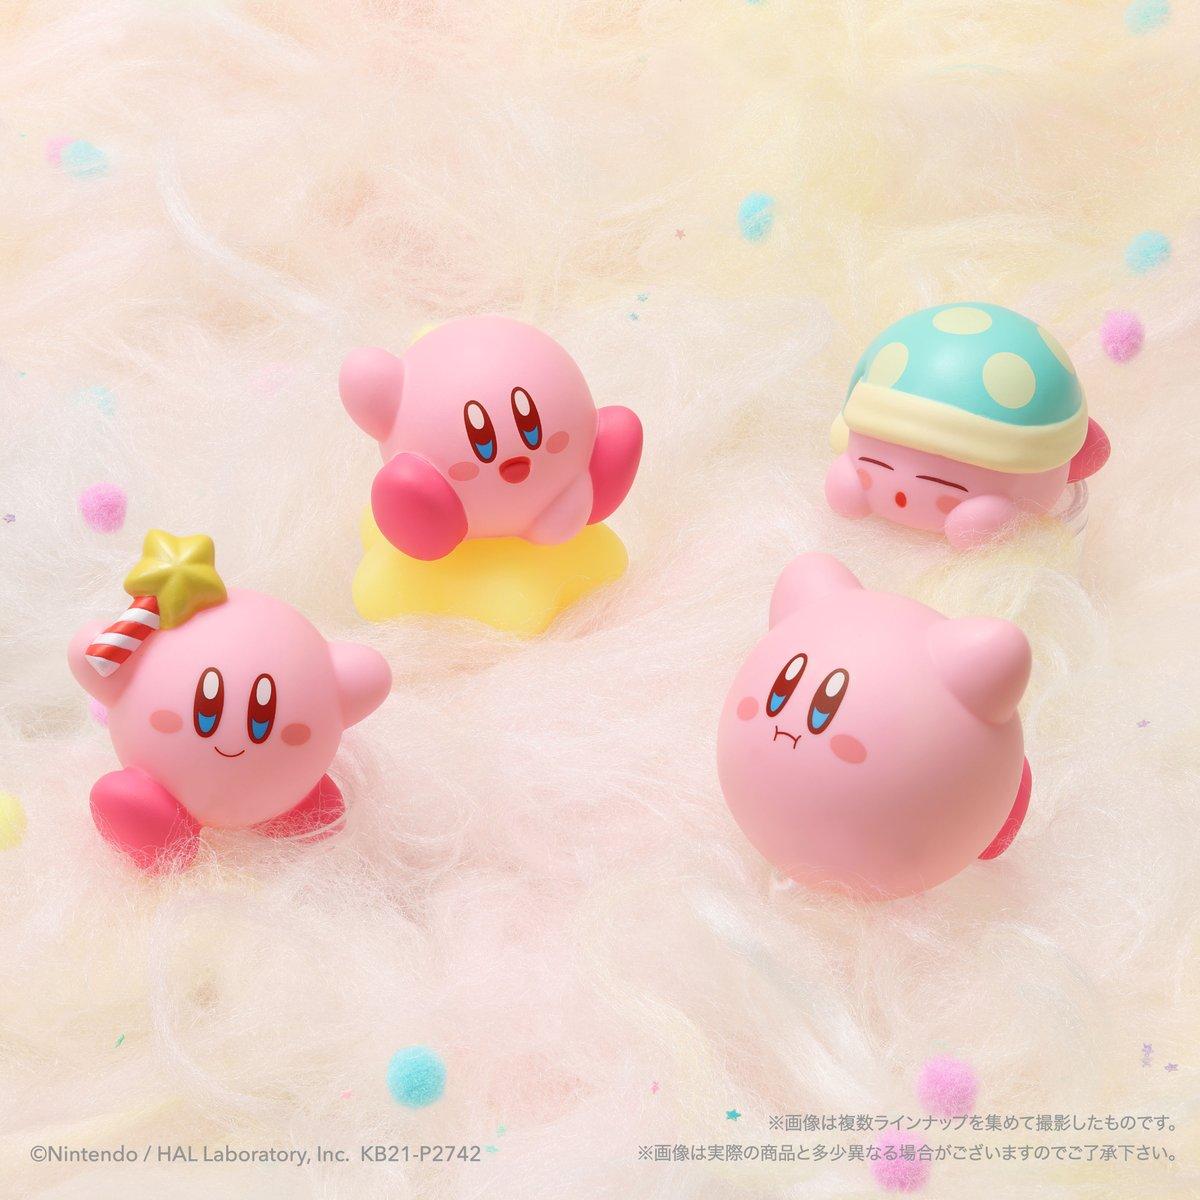 test ツイッターメディア - / 4月12日(月)全国のお菓子売場等で発売! \ 手のひらサイズの本格ソフビフィギュア 「星のカービィ Kirby Friends」がお菓子売場に登場! ワープスターはレアカラーVer.があるよ。 当たったらラッキー☆ 各270円(税込価格297円)  https://t.co/MyV6YOMwyQ  #星のカービィ #カービィ https://t.co/jO33Oyhy9J